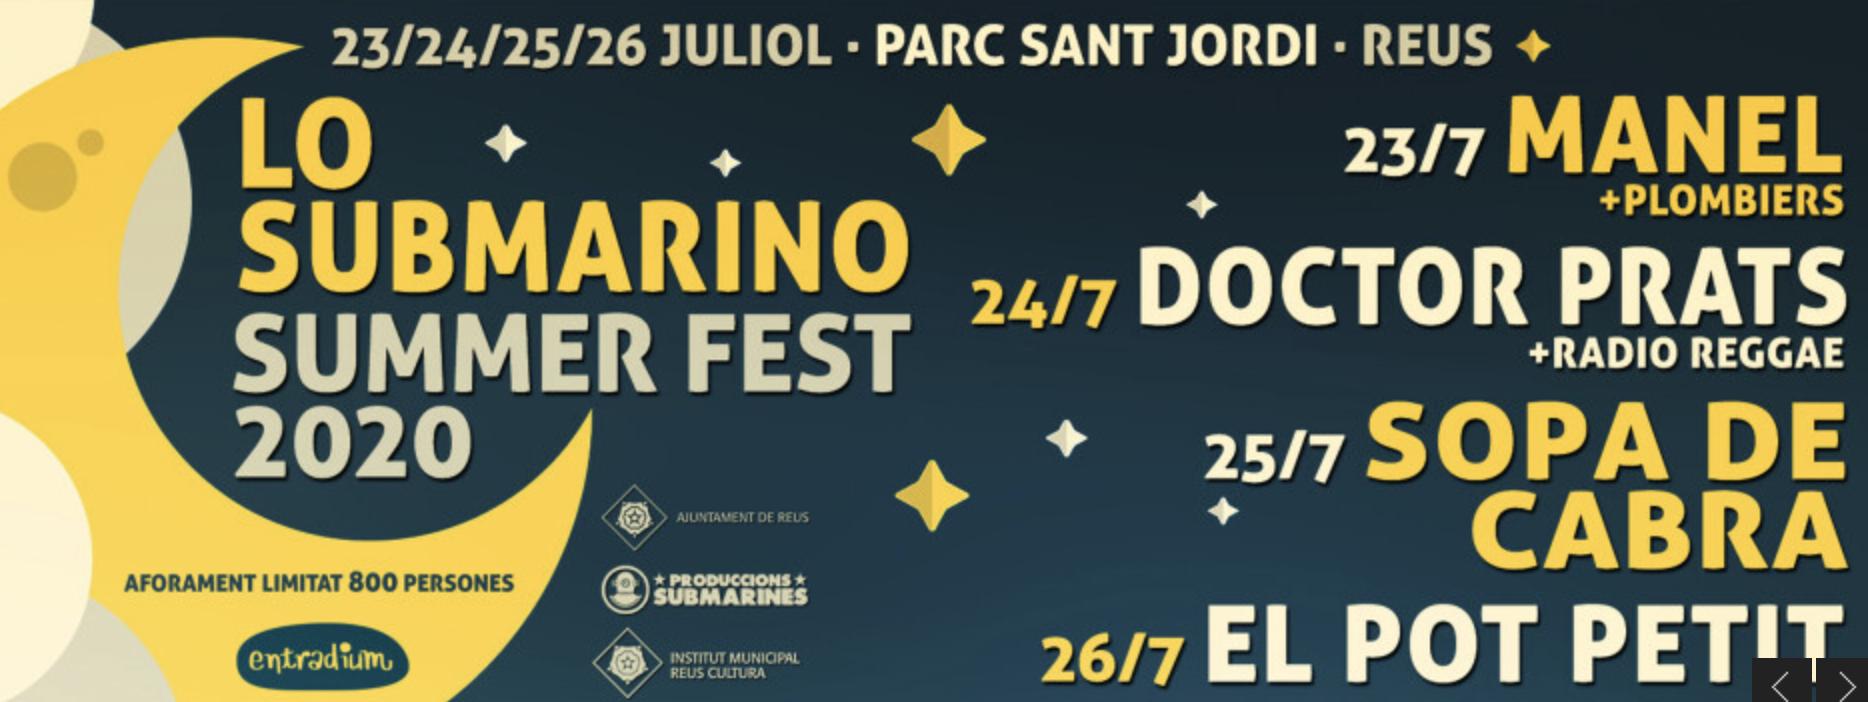 Submarino Festival- Manel, Doctor Prats, Sopa de Cabra i El Pot Petit